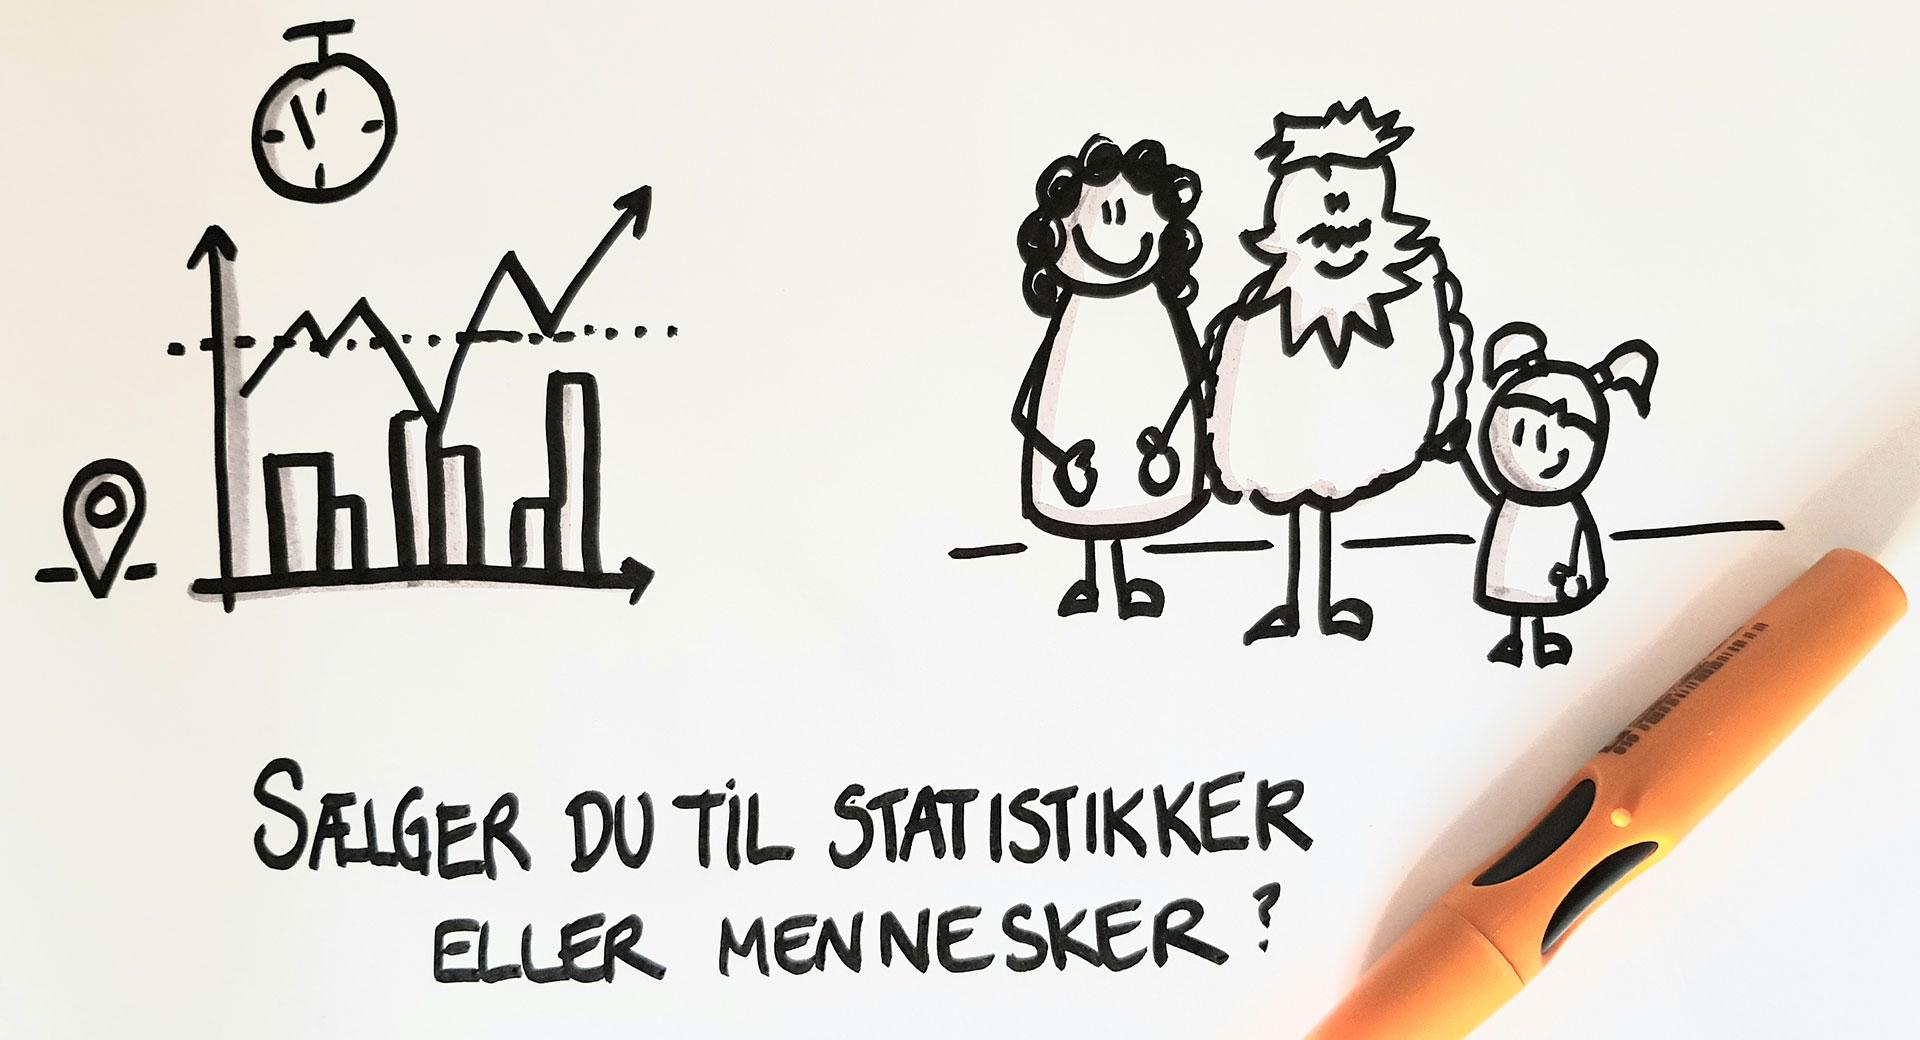 Sælger du til statistik eller mennesker? Marianne Pihl - grafisk facilitering